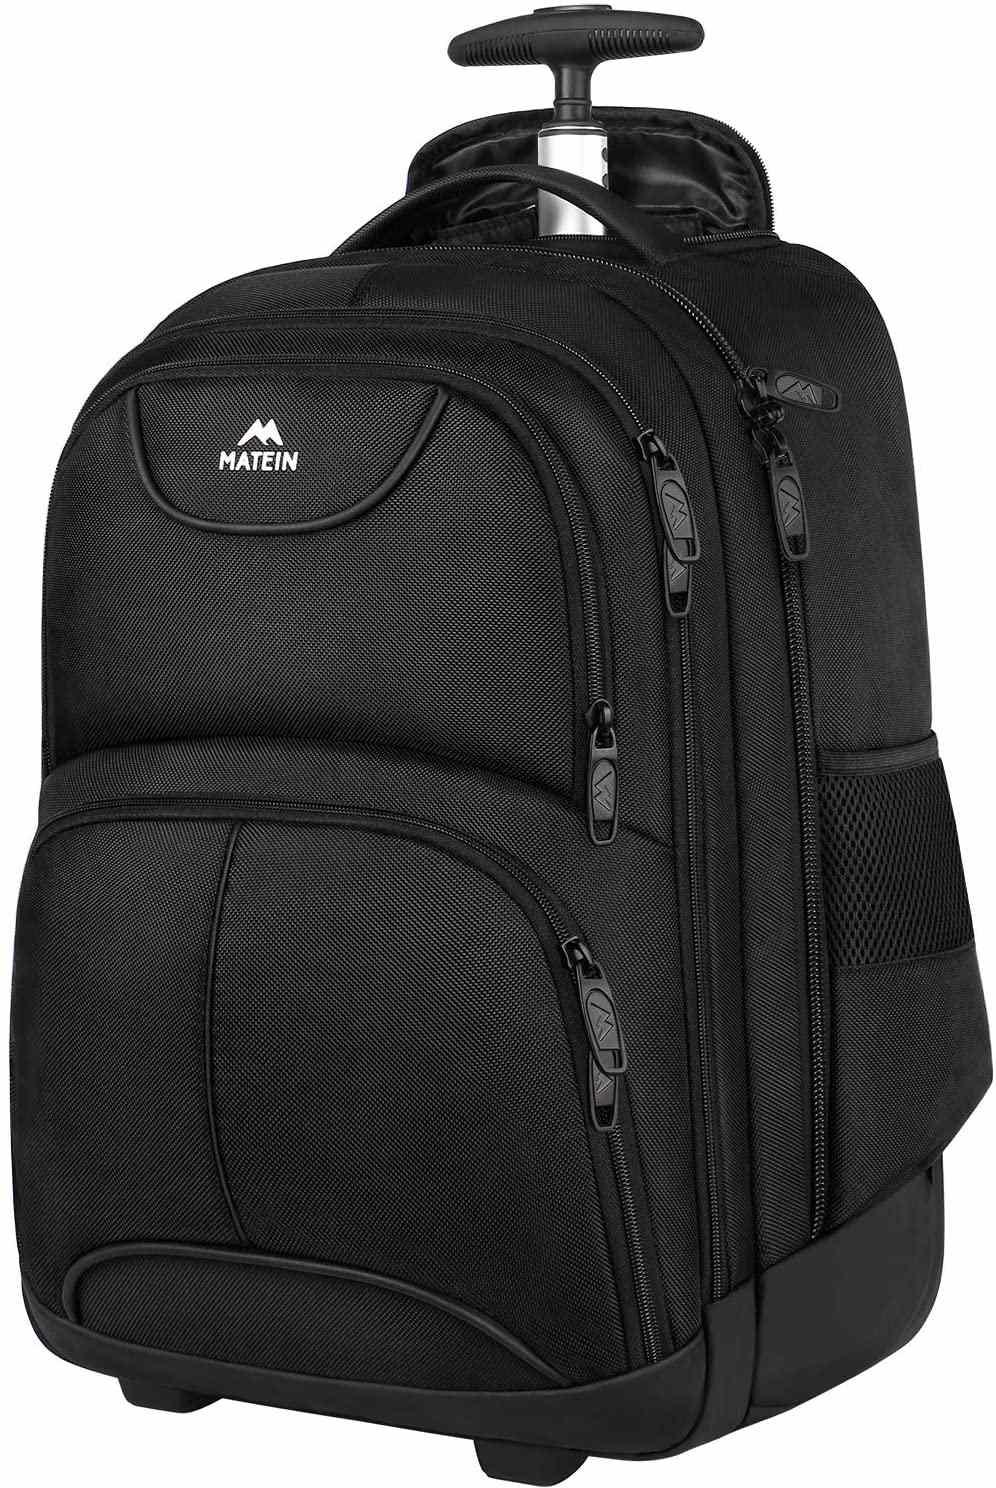 Matein Waterproof Rolling Backpack